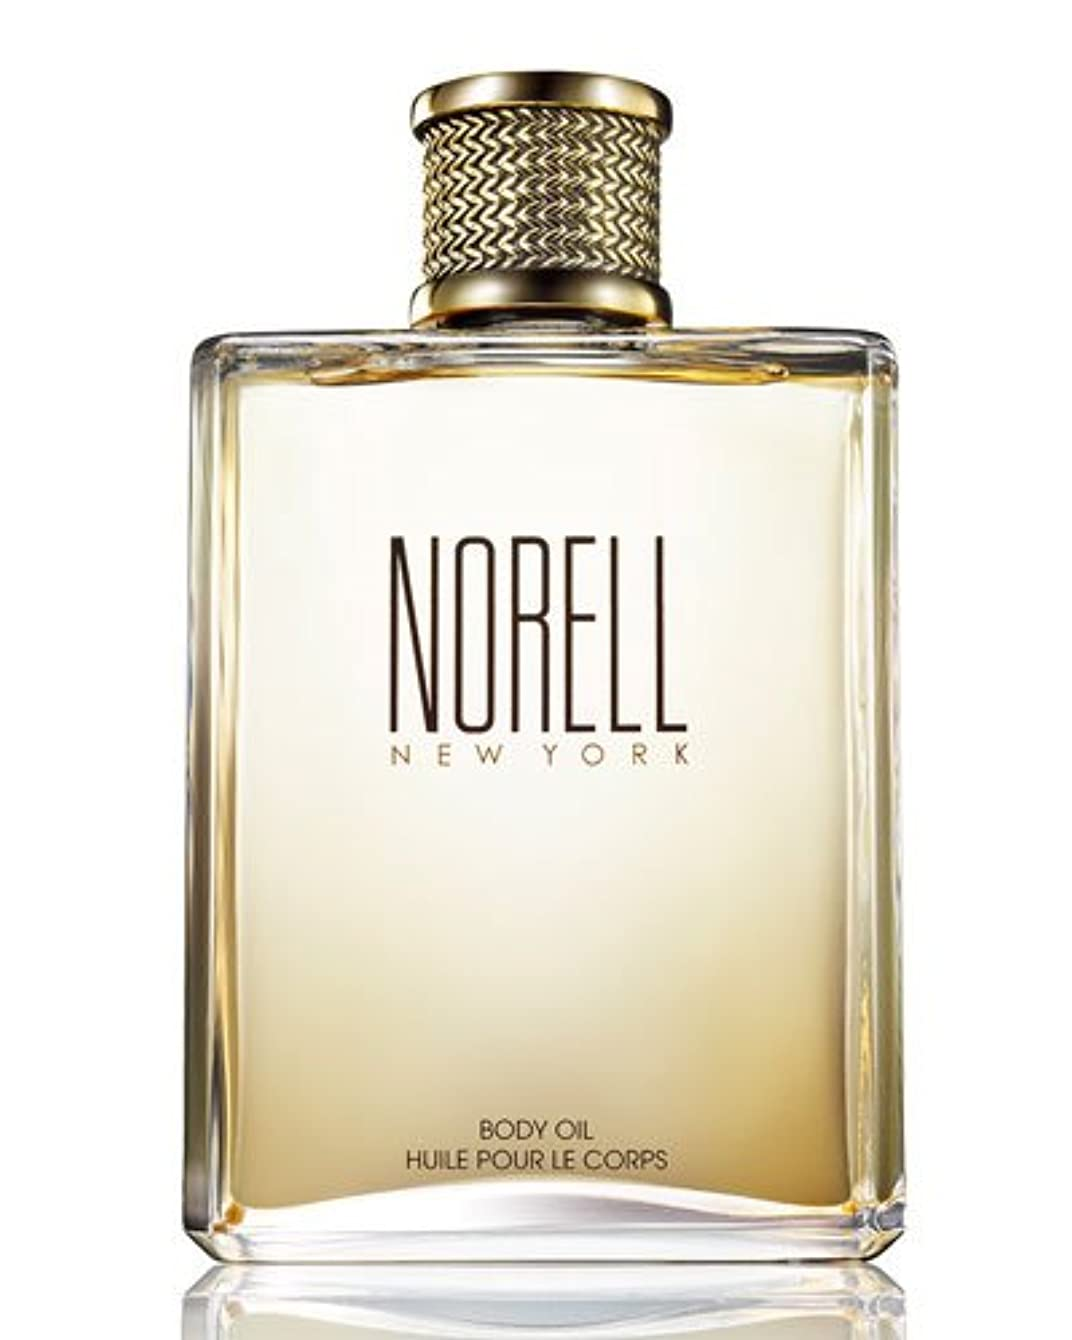 西部見るるNorell (ノレル) 8.0 oz (240ml) Body Oil by Norell New York